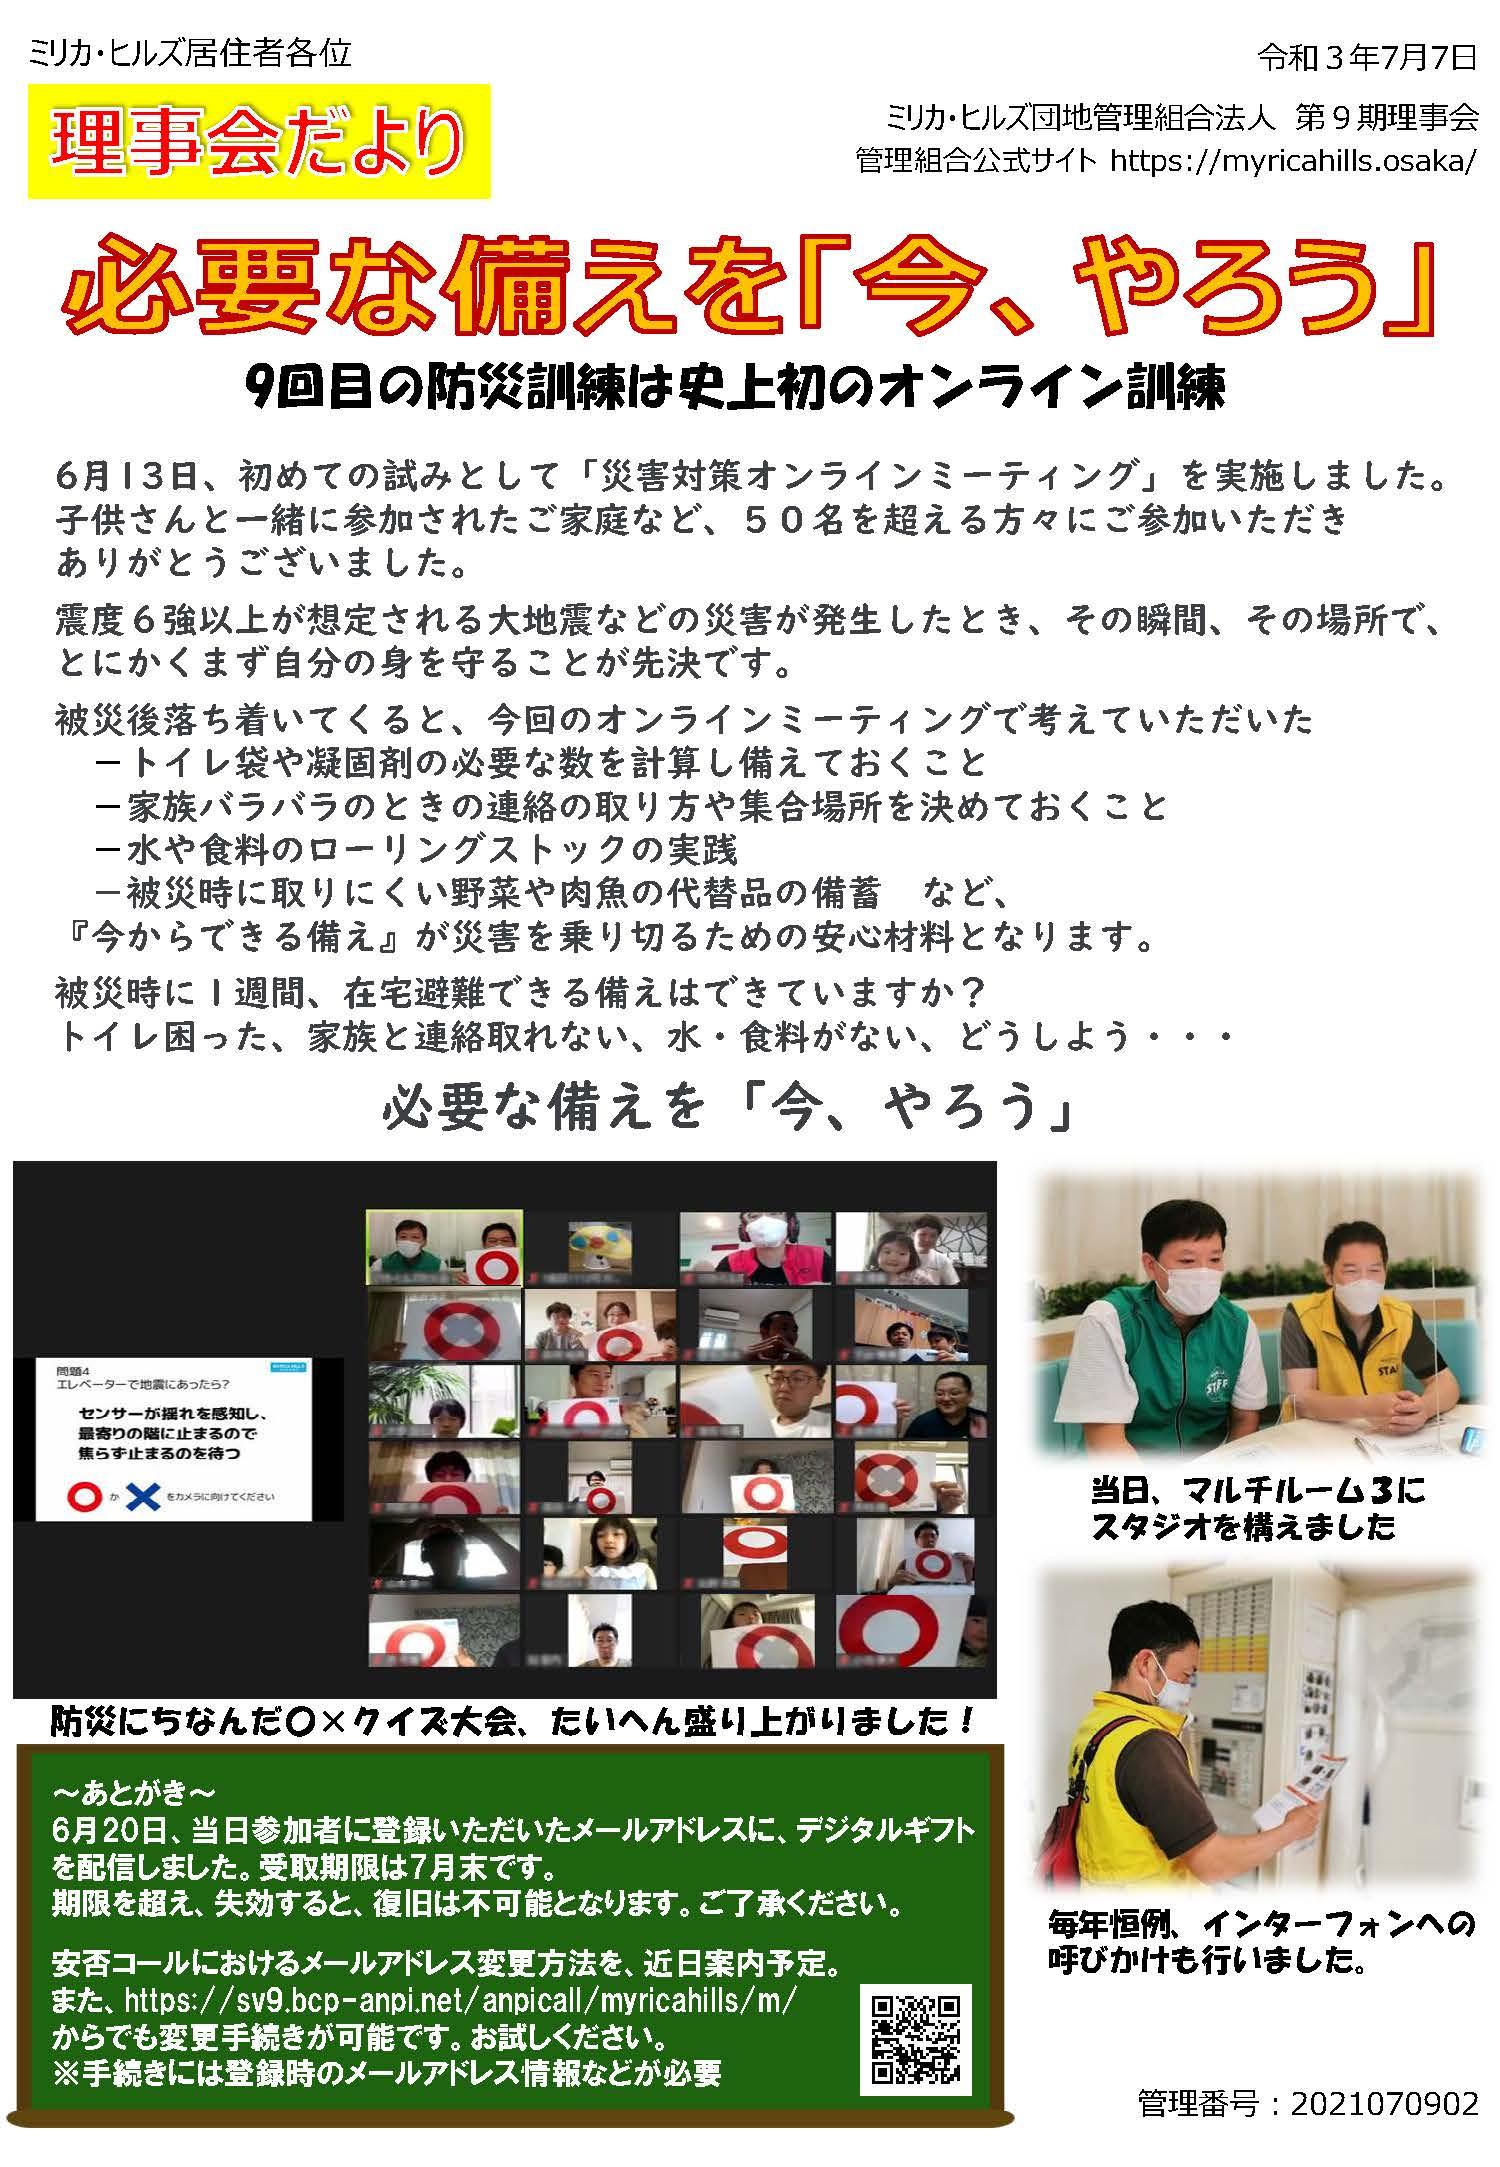 【理事会だより】防災訓練2021を実施